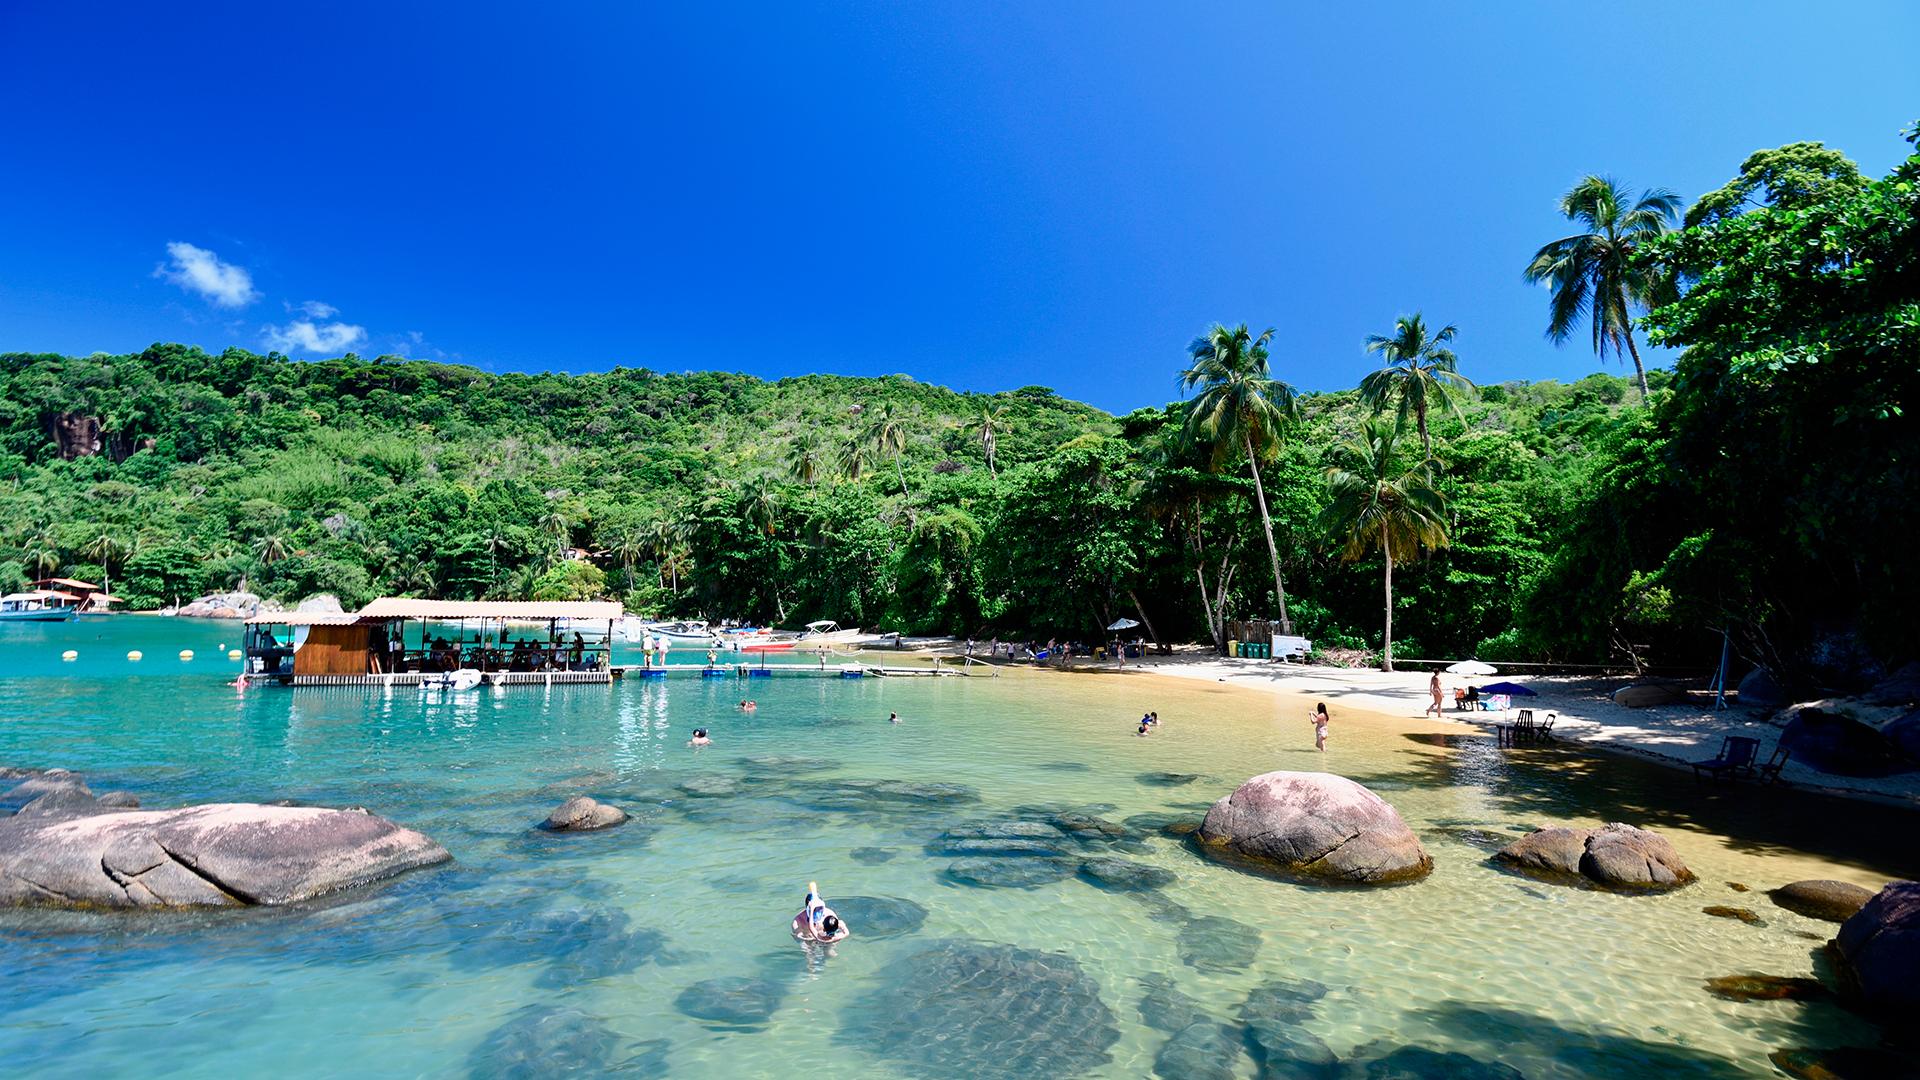 Con sus playas paradisíacas y su mar cristalino, es la isla más famosa de la bahía de Angra dos Reis. Lopes Mendes es una de sus playas más nombradas.